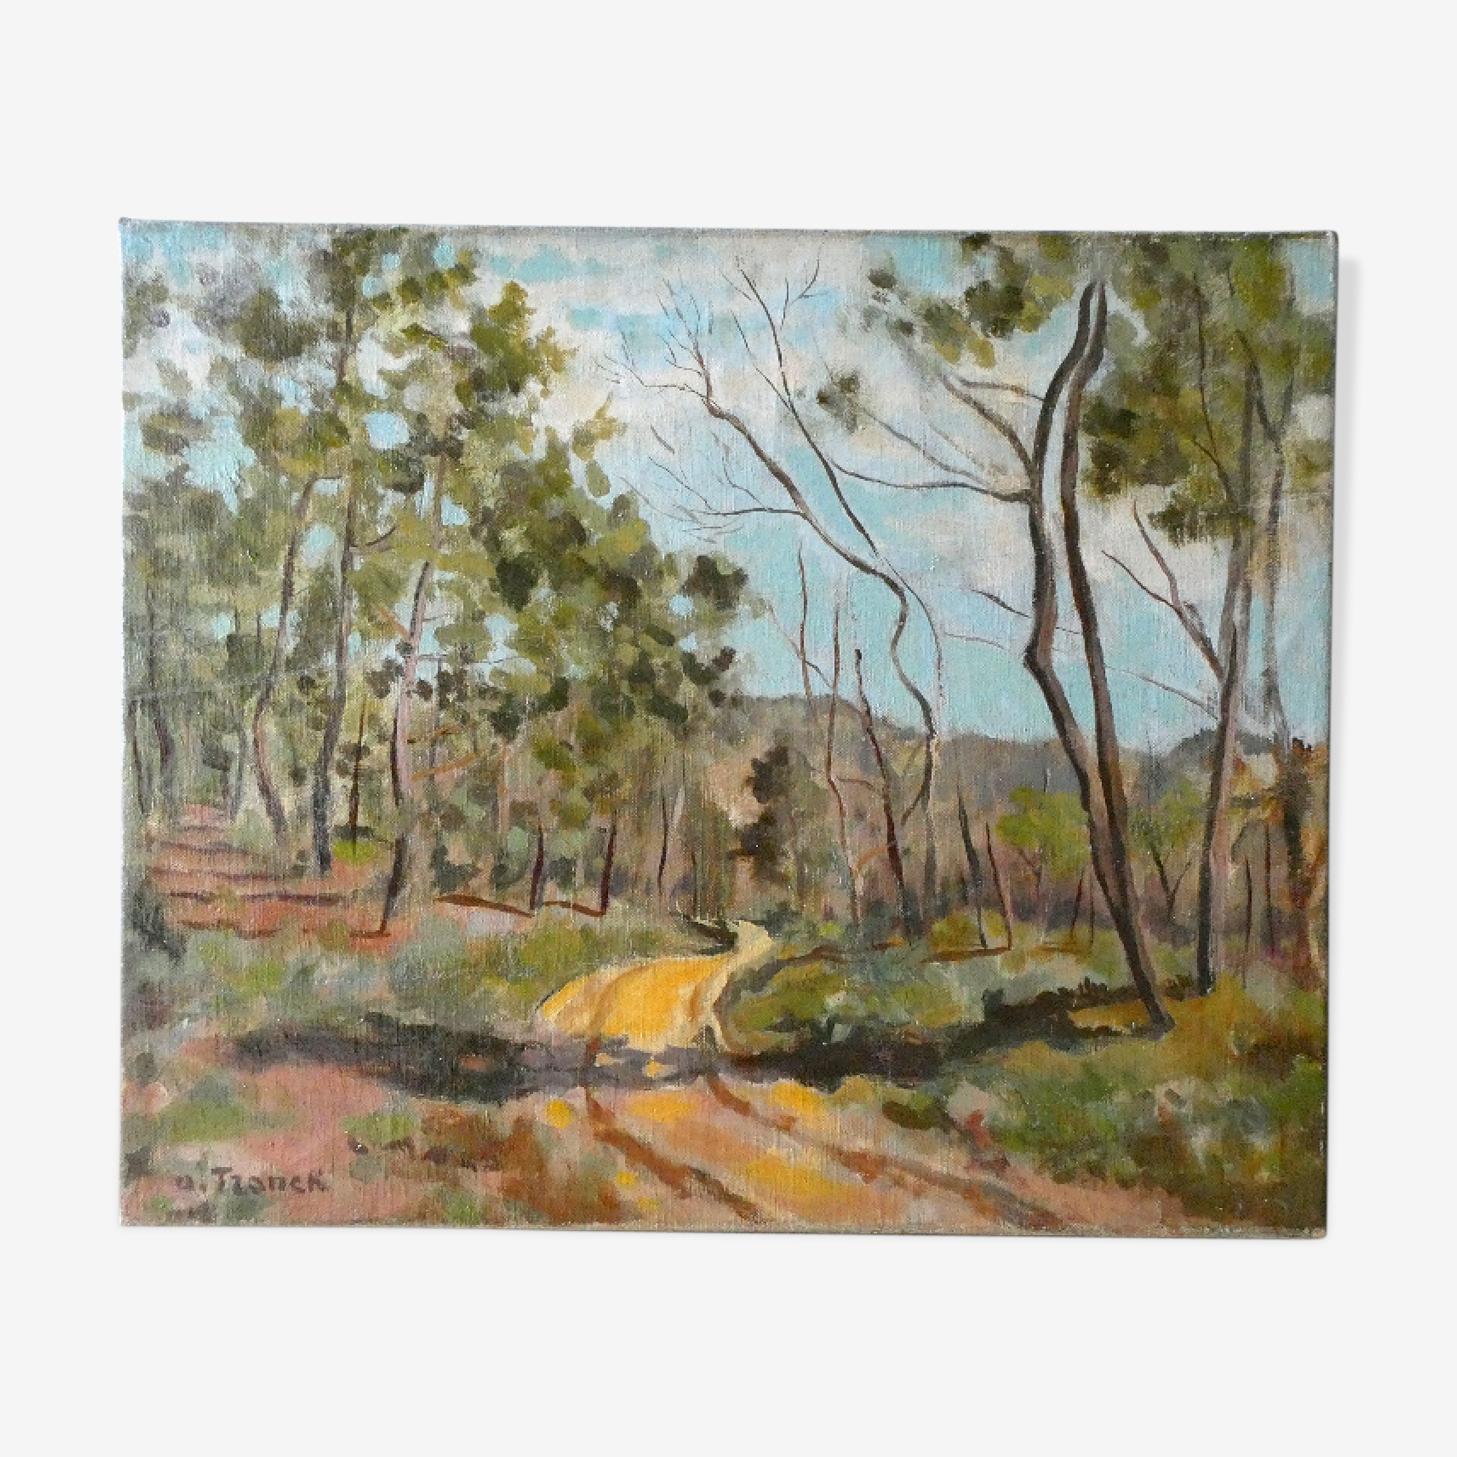 Tableau, huile sur toile, paysage de Provence, la Drome, années 40